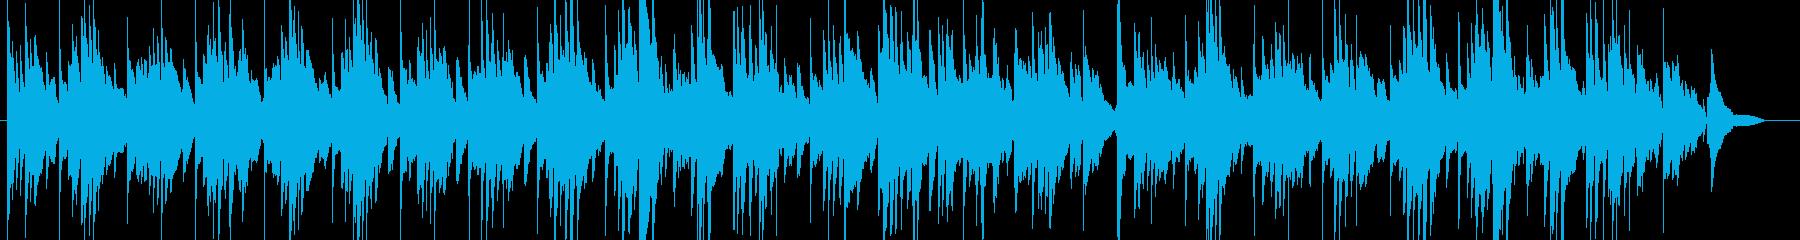 エレガット生録 (BGM)の再生済みの波形